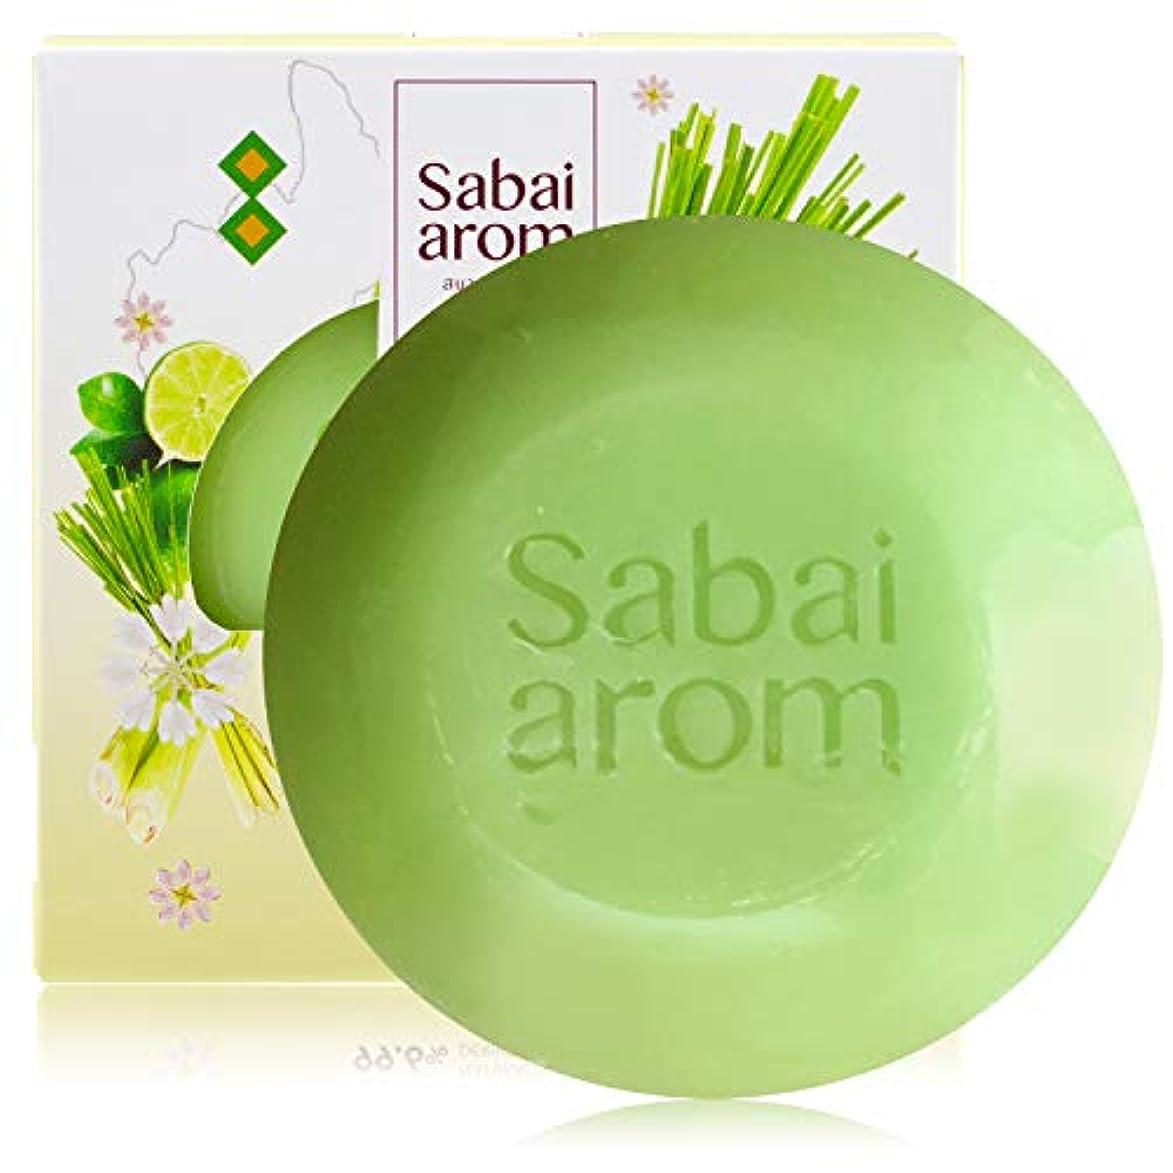 絶滅した独創的典型的なサバイアロム(Sabai-arom) レモングラス フェイス&ボディソープバー (石鹸) 100g【LMG】【001】